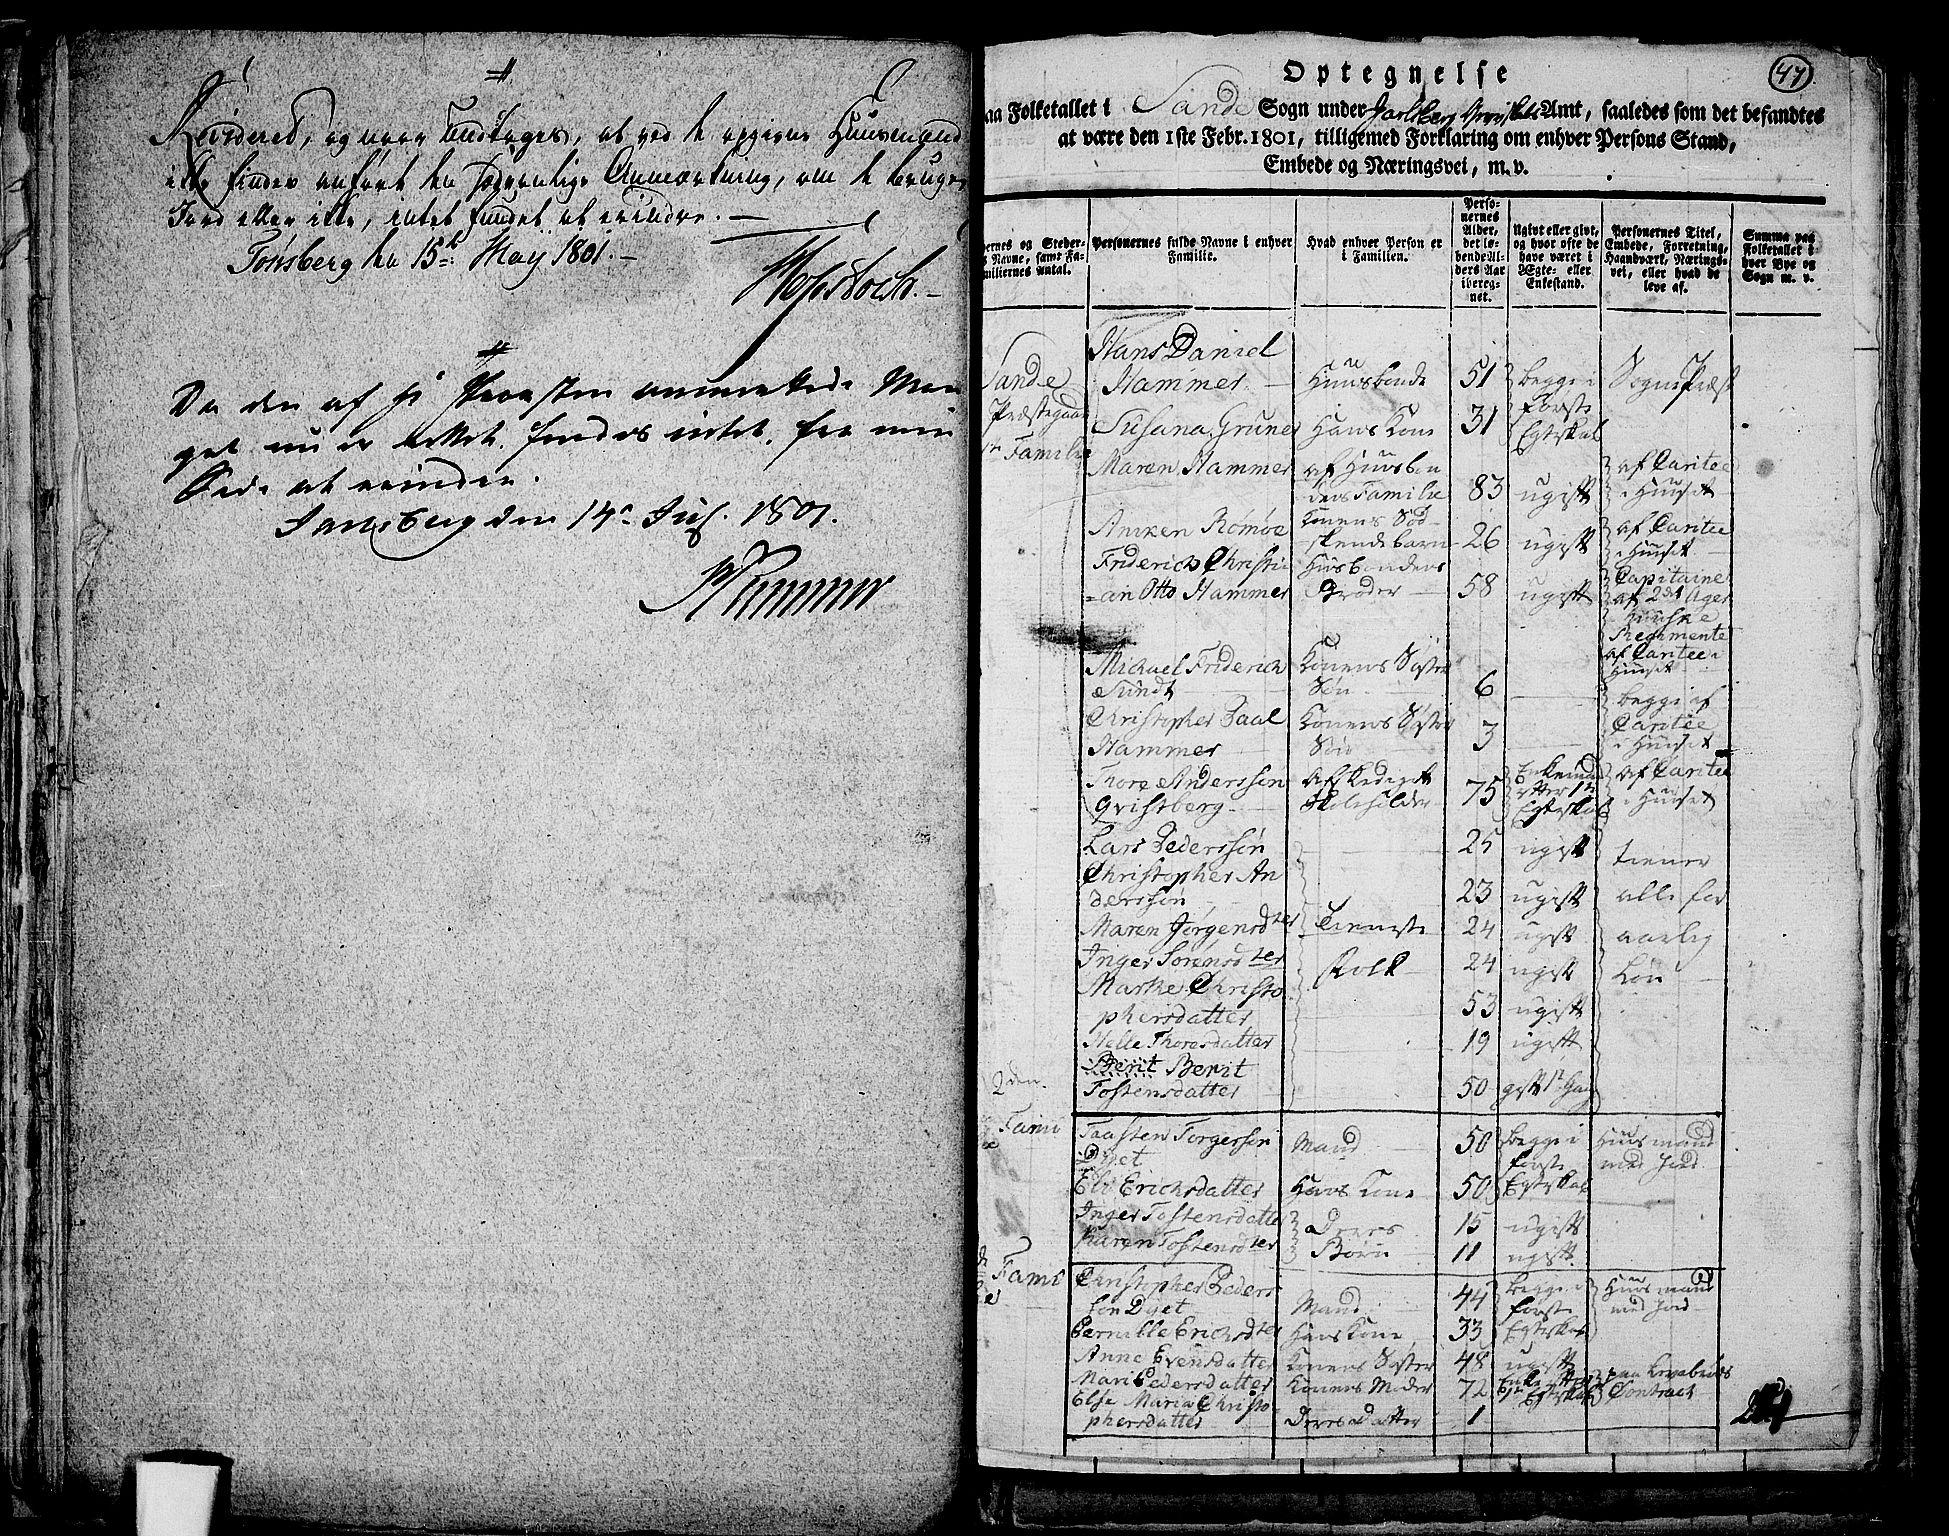 RA, Folketelling 1801 for 0713P Sande prestegjeld, 1801, s. 46b-47a